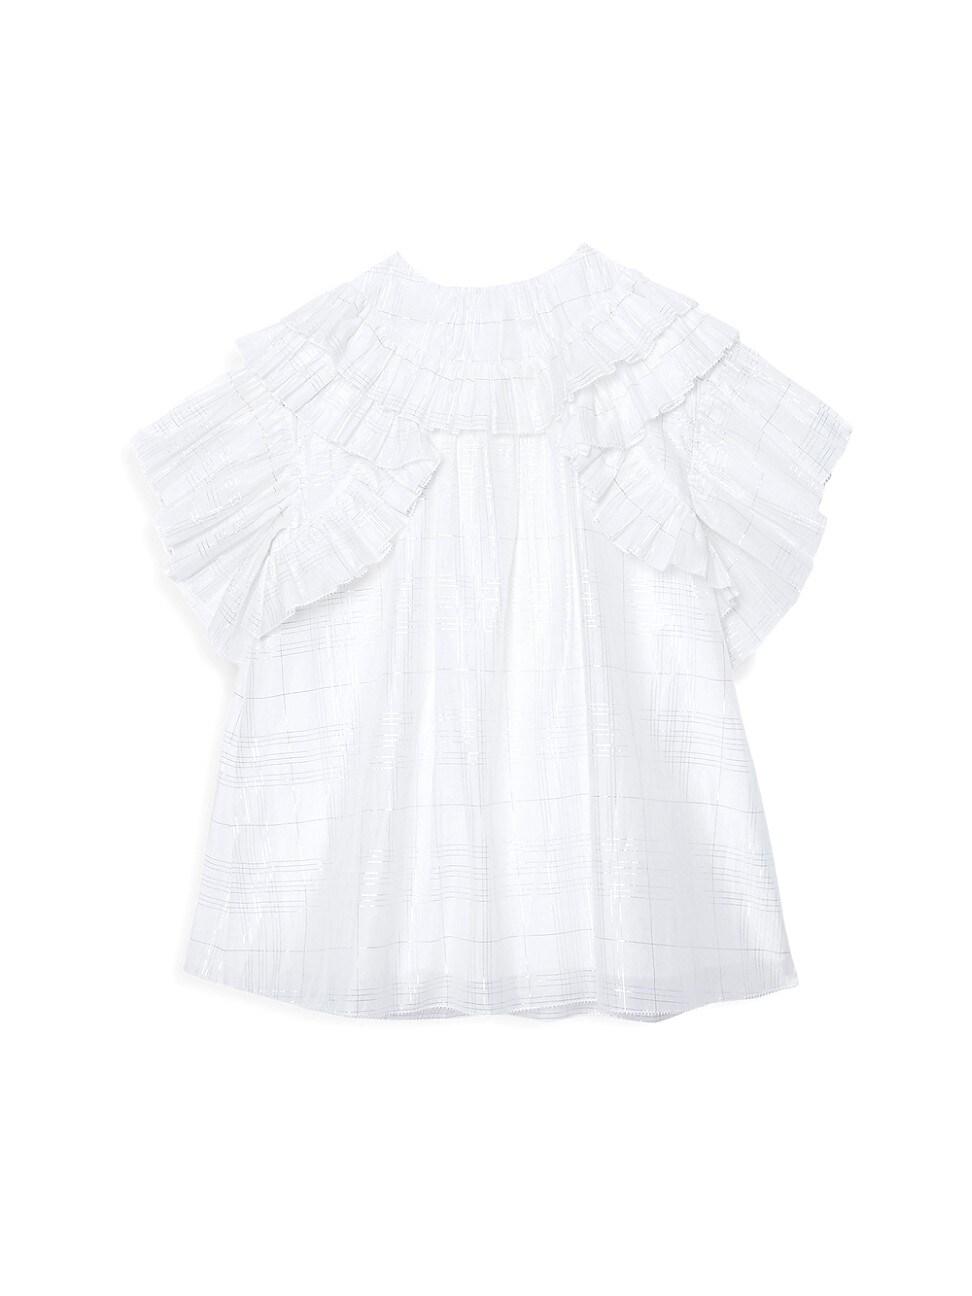 Burberry LITTLE GIRL'S & GIRL'S JEMINA RUFFLE DRESS